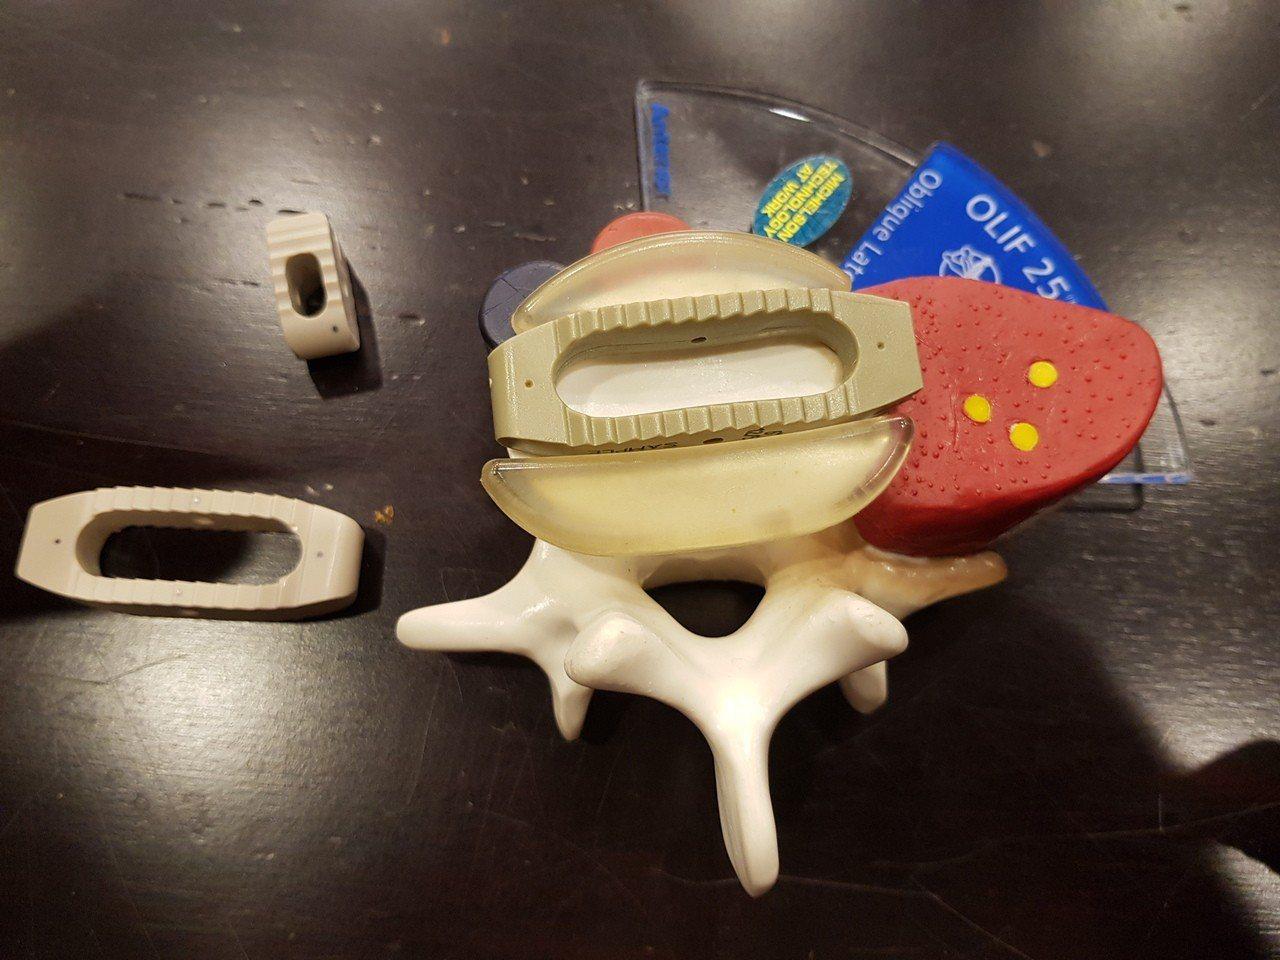 各種脊椎融合的手術器材。記者修瑞瑩/攝影